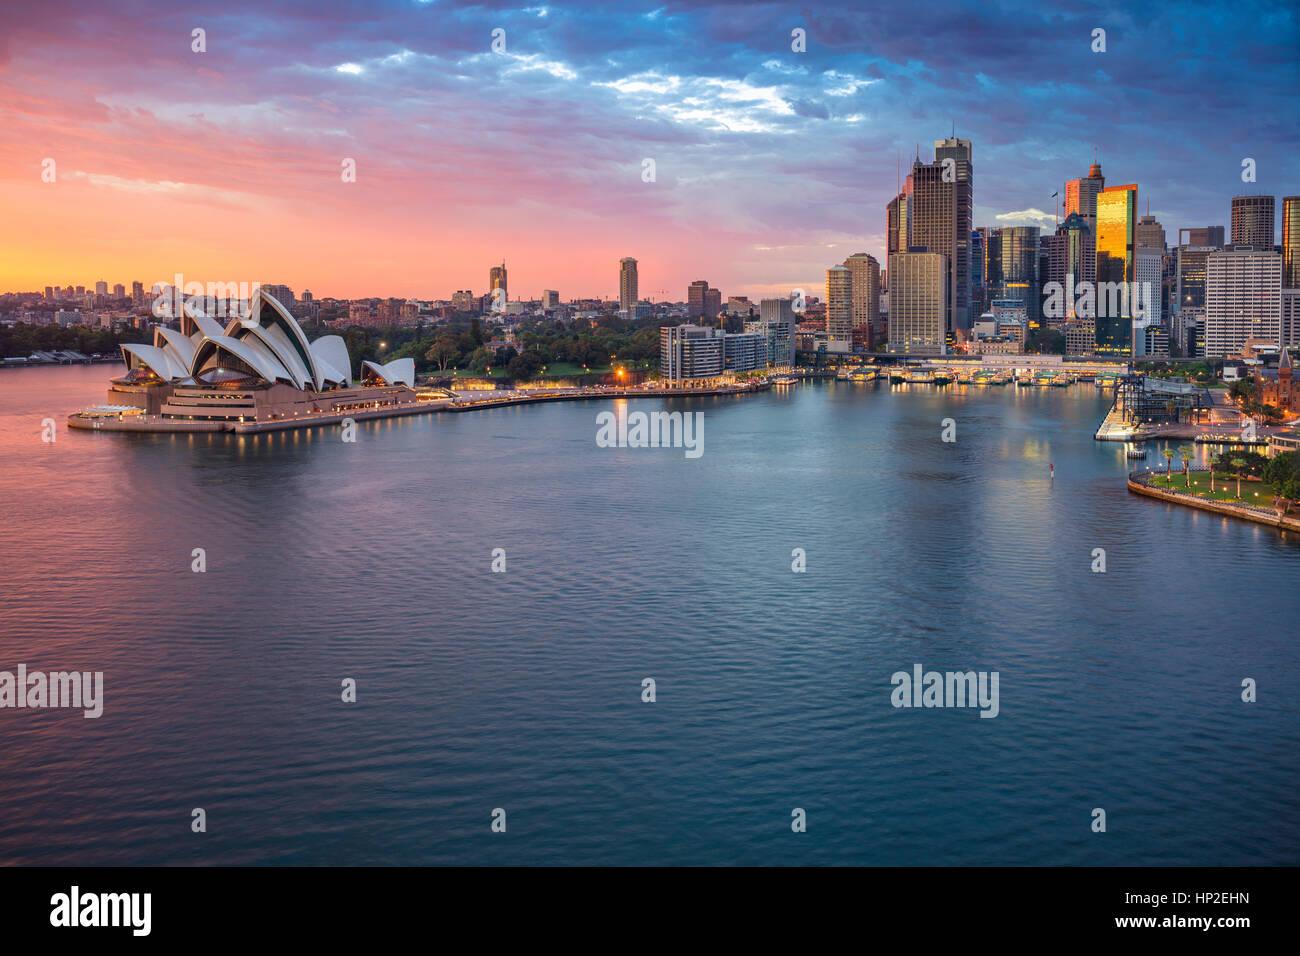 City of Sydney. Cityscape image of Sydney, Australia during sunrise. - Stock Image